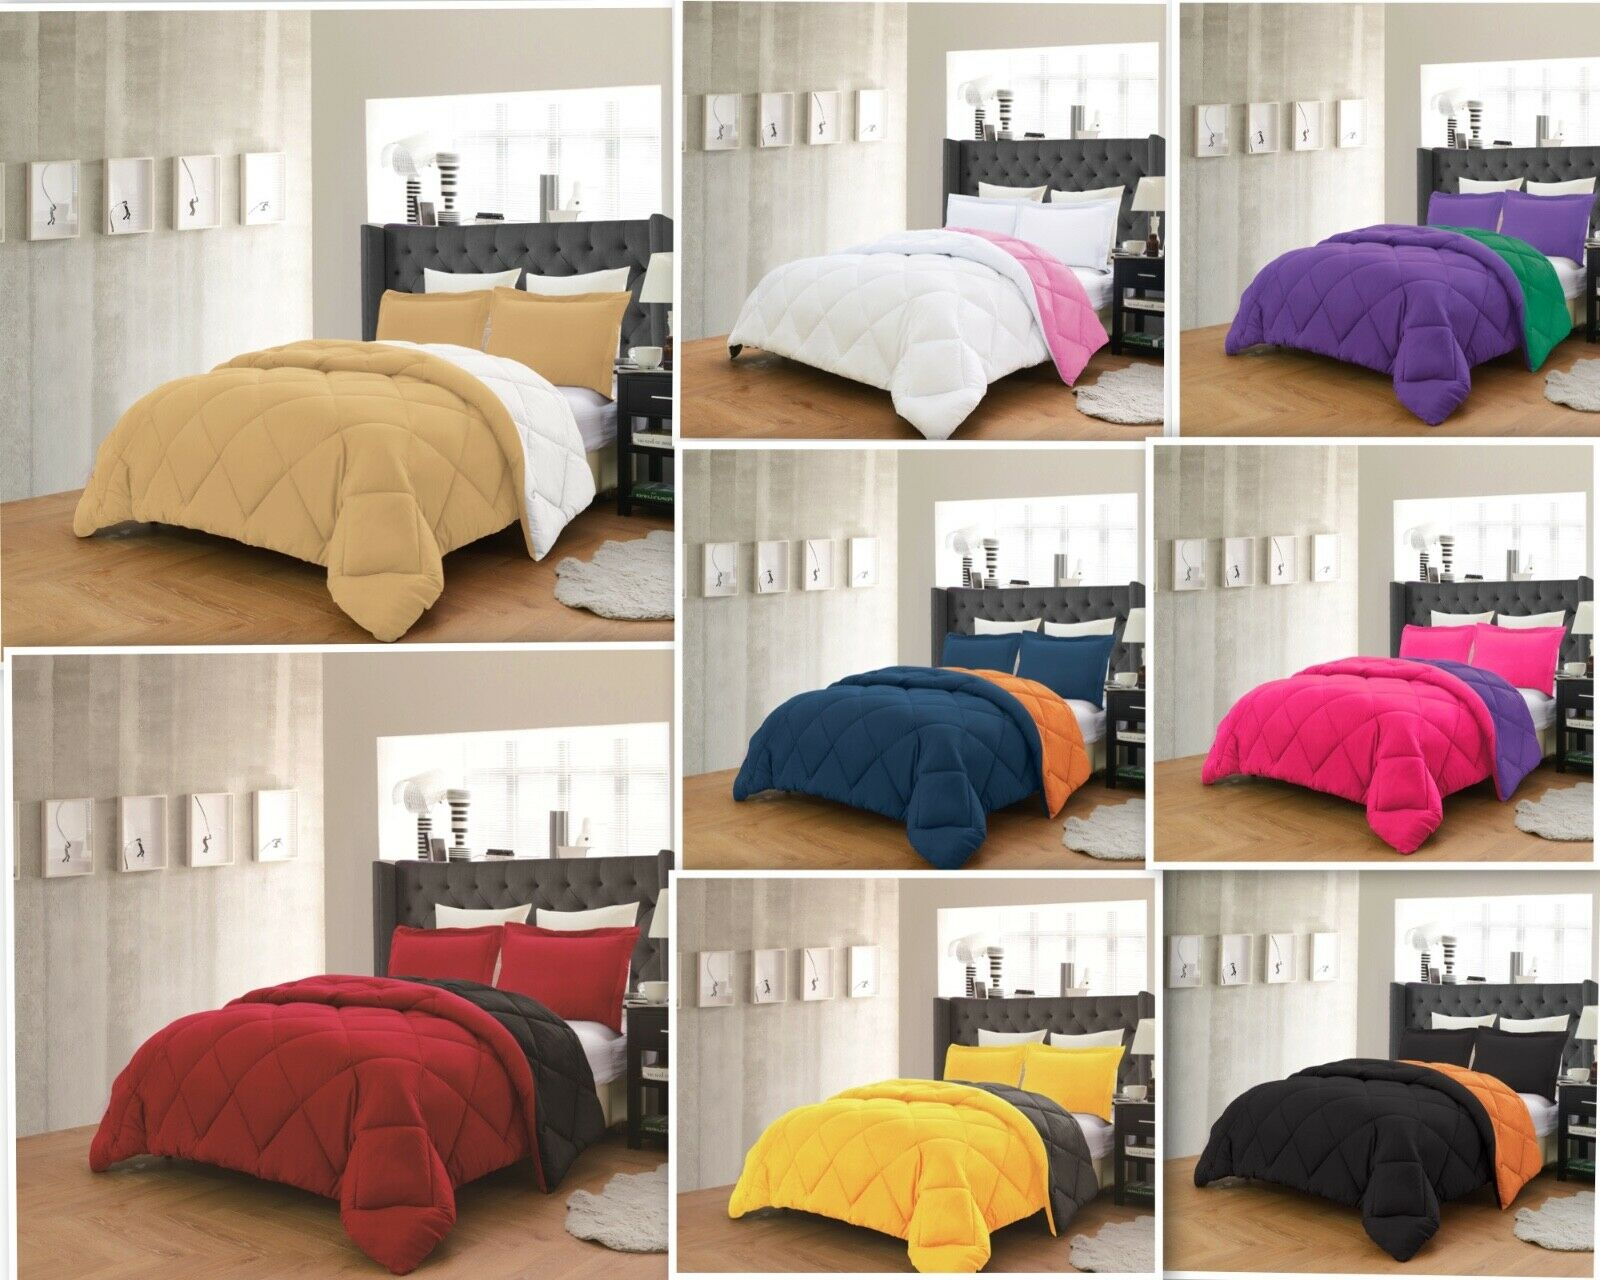 Croscill Home Kassandra King Comforter And Shams Set Floral For Sale Online Ebay